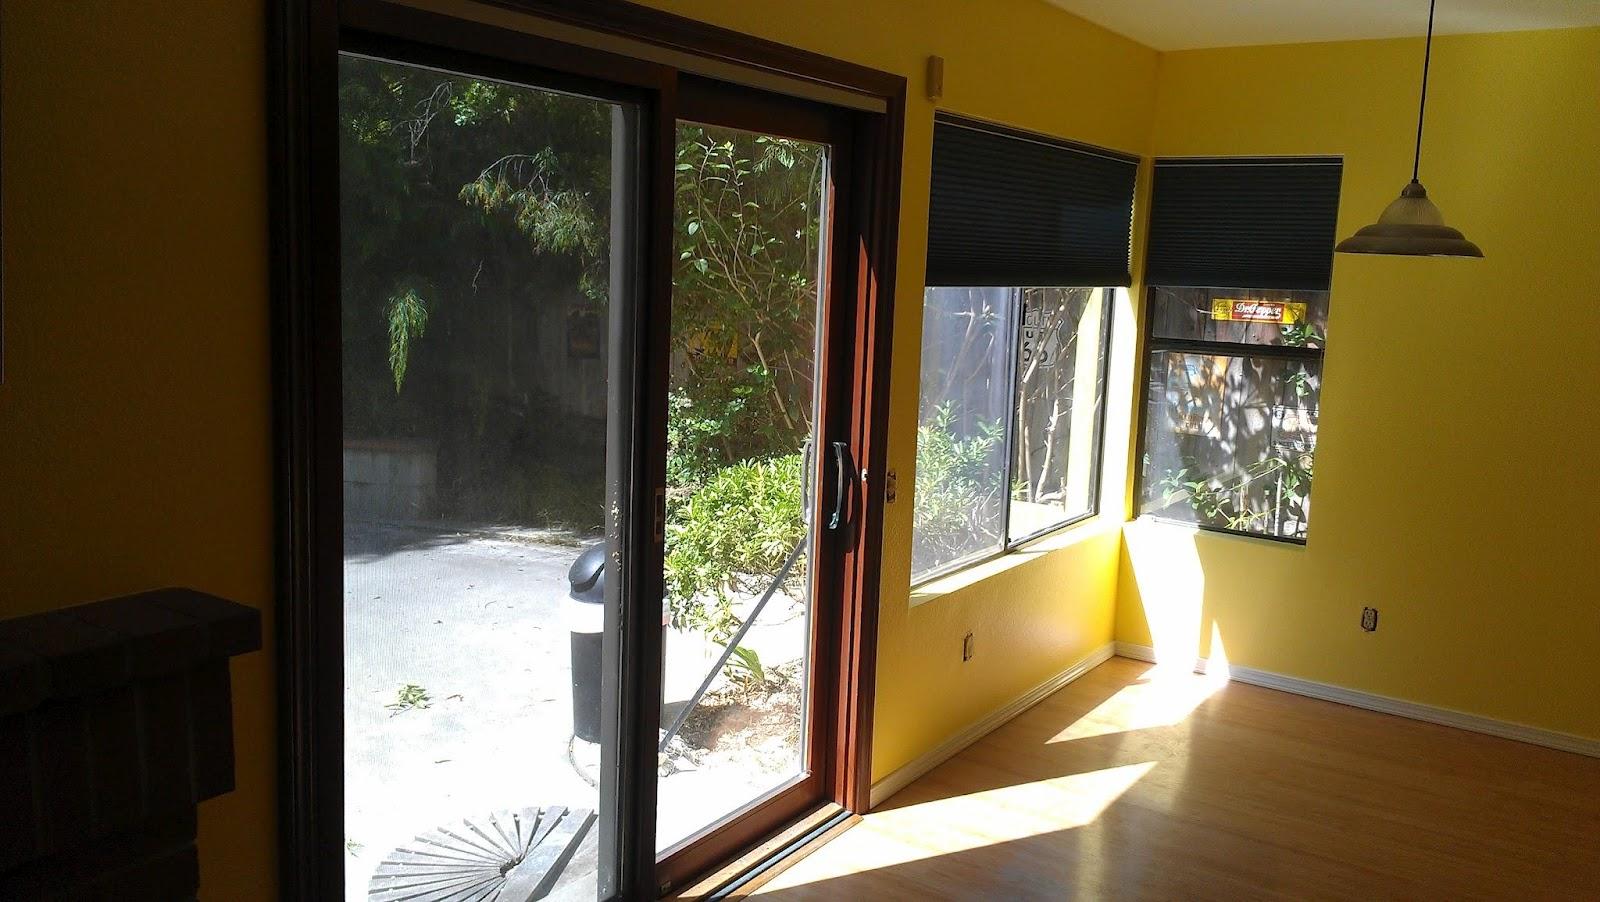 Vita a san diego 1016 le finestre - La casa con le finestre che ridono ...